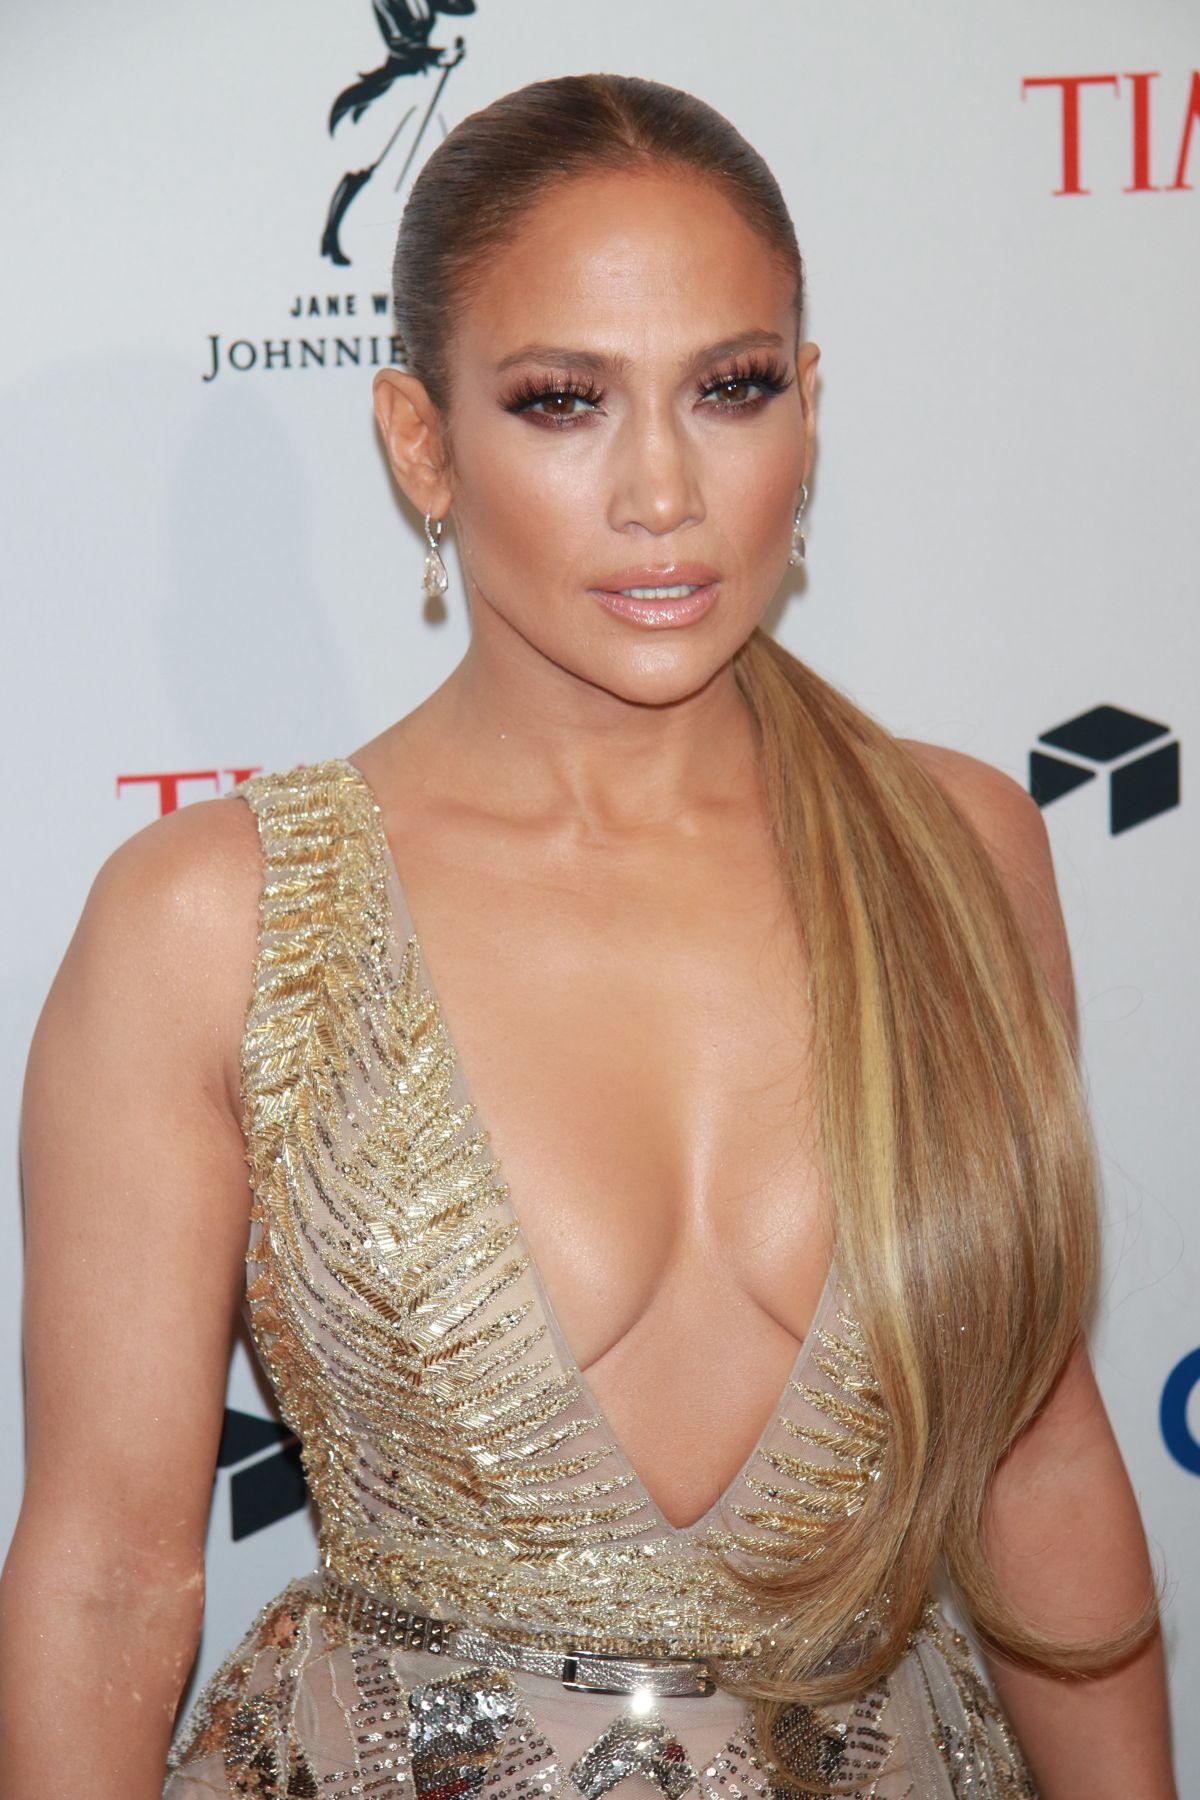 20 Najlepszych Piosenek Jennifer Lopez Wg Redakcji All About Music All About Music